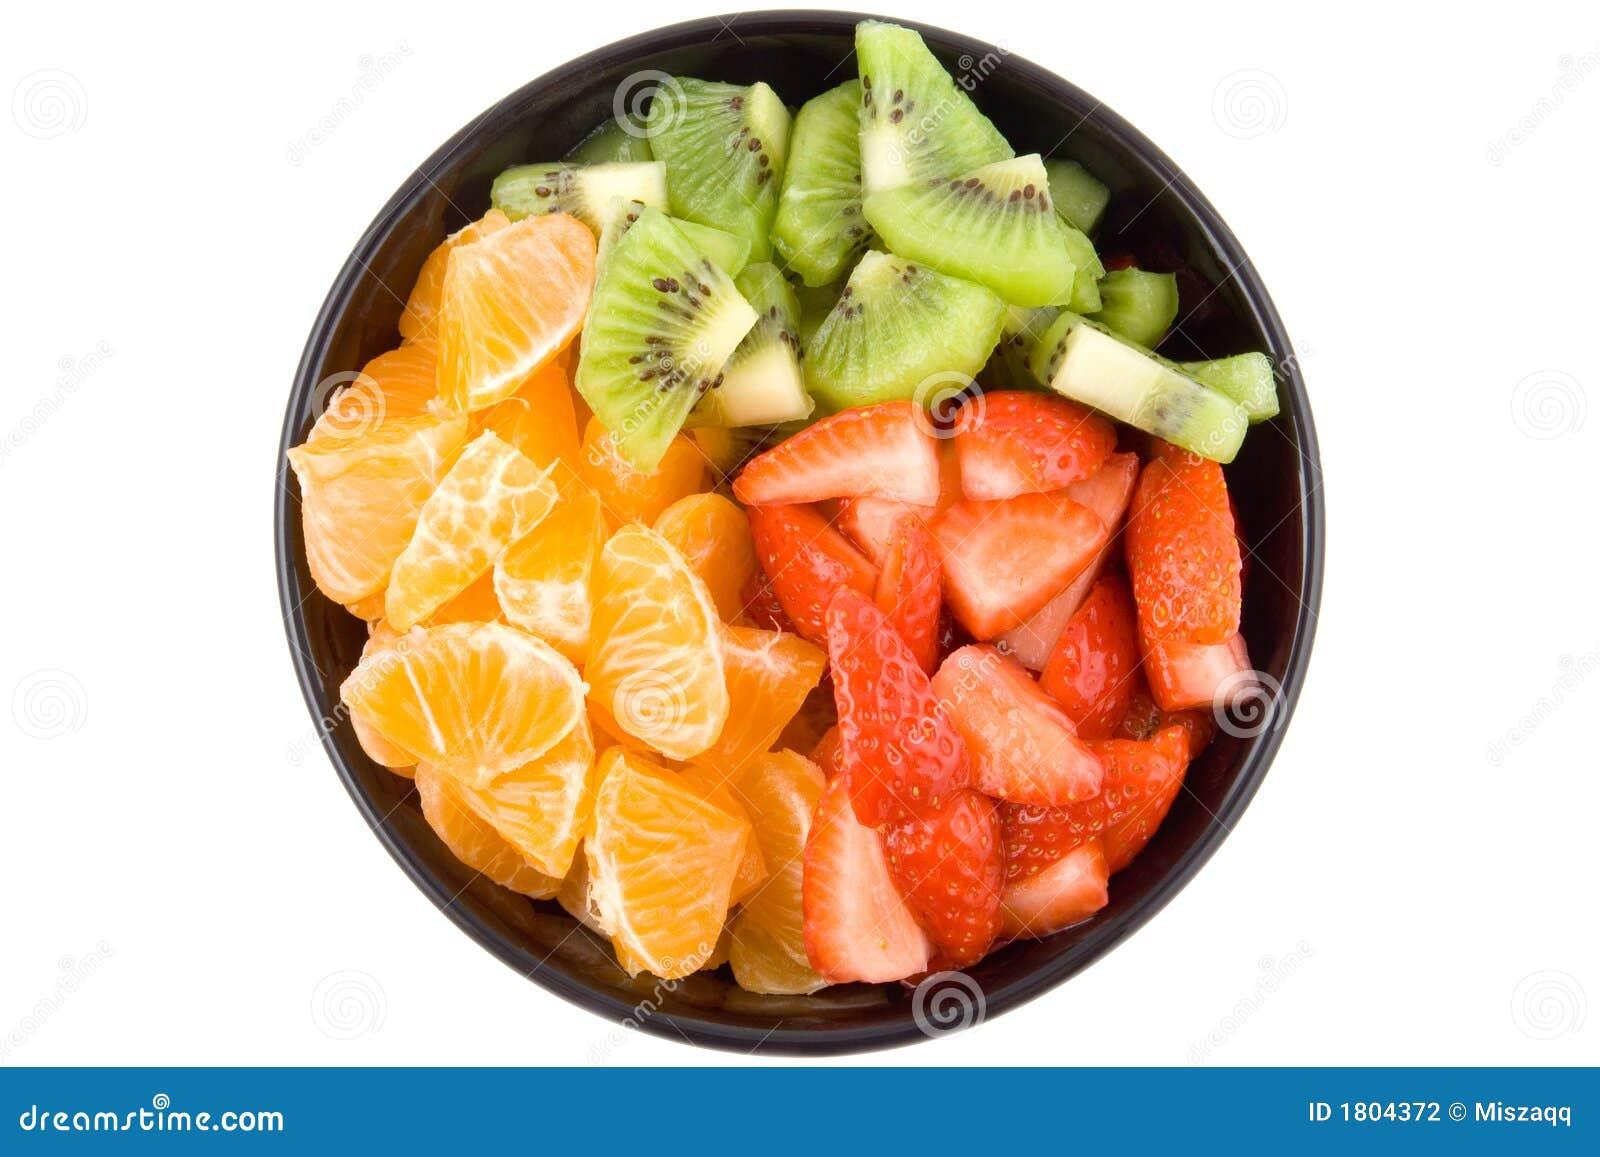 Drie kleurengezondheid, kiwi, mandarijn en aardbeien